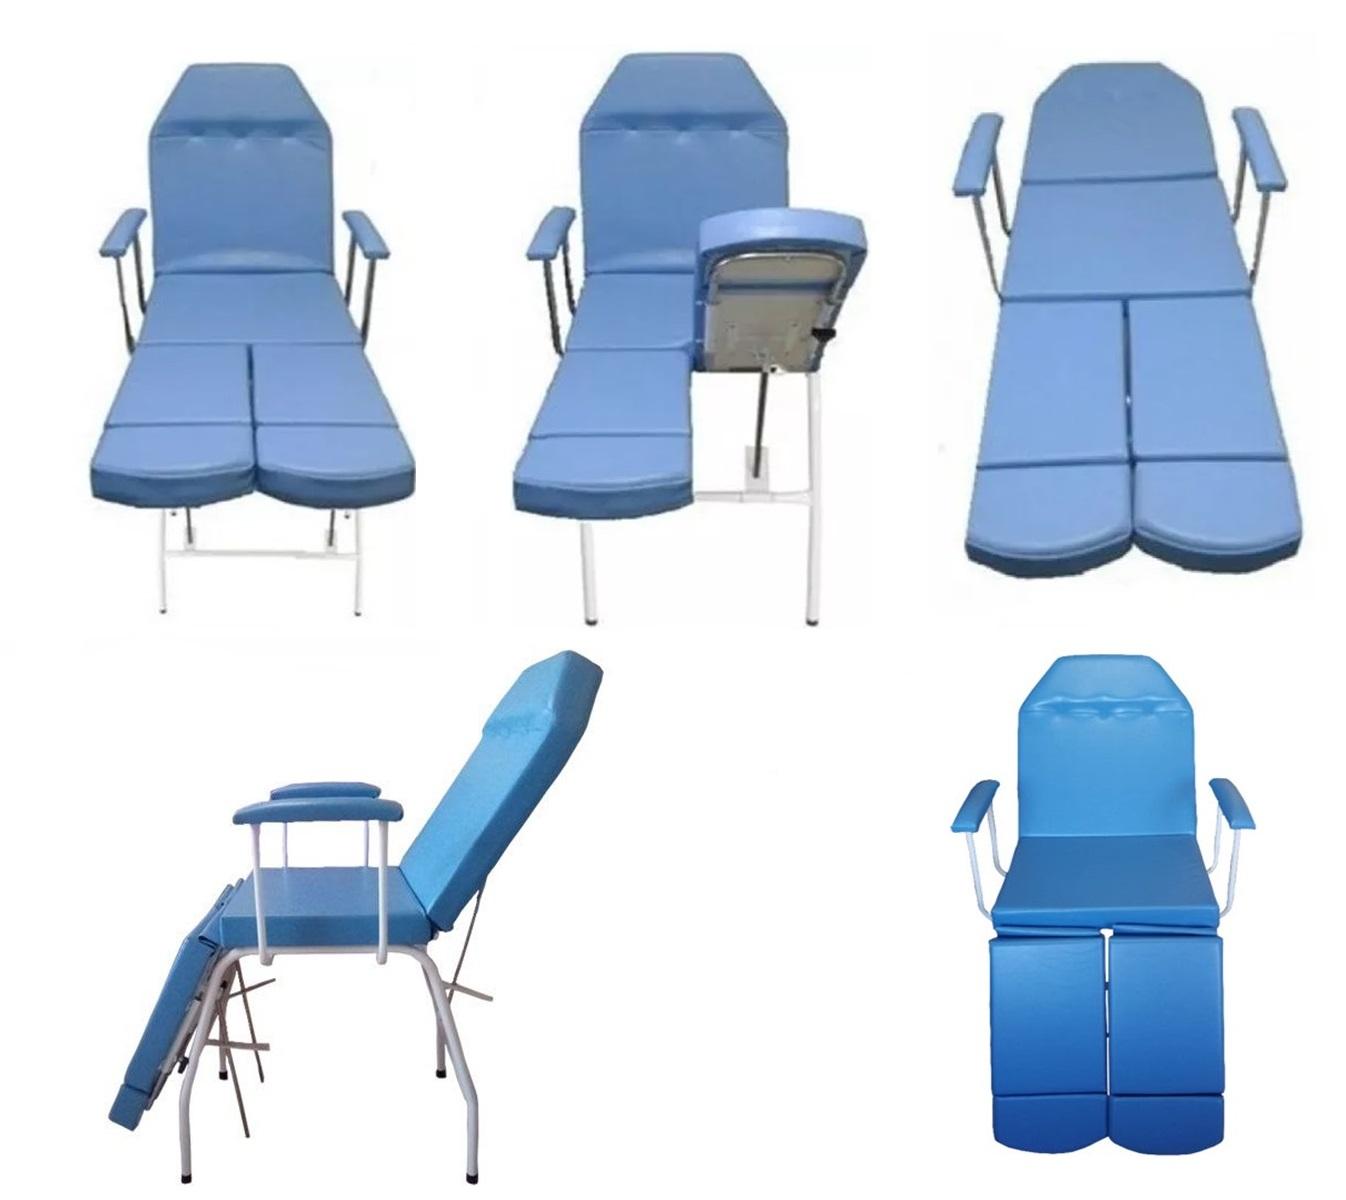 Kit Cadeira Podologia Azul Mocho Armário 3 Gavetas Luminária com Exaustor Brinde